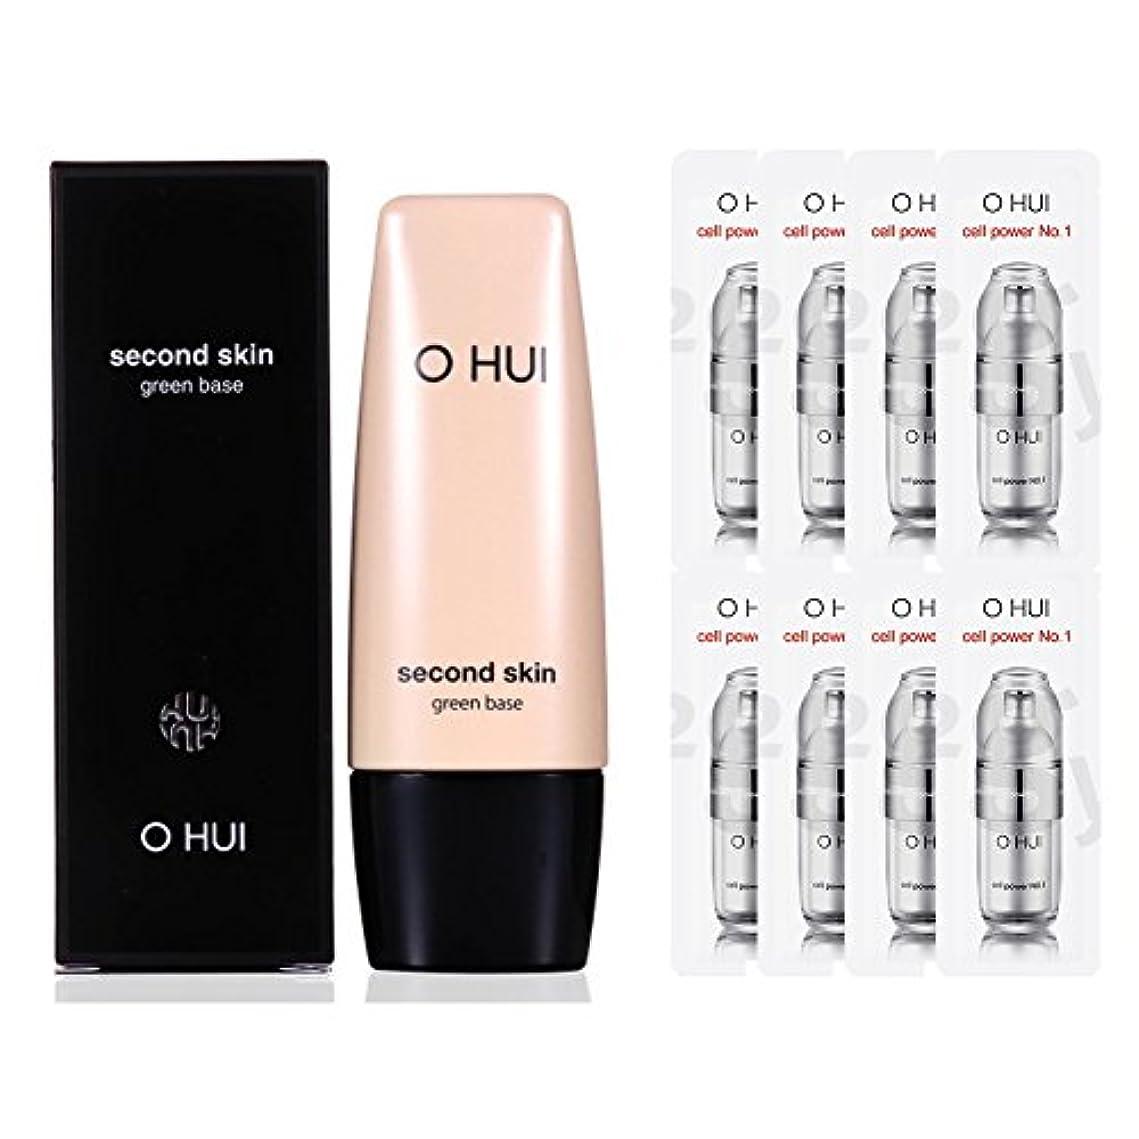 かなりの弾薬部族OHUI/オフィセカンドスキン グリーンベース (メイクアップベース) (OHUI SECOND SKIN GREEN BASE Makeup Base set) スポット [海外直送品]